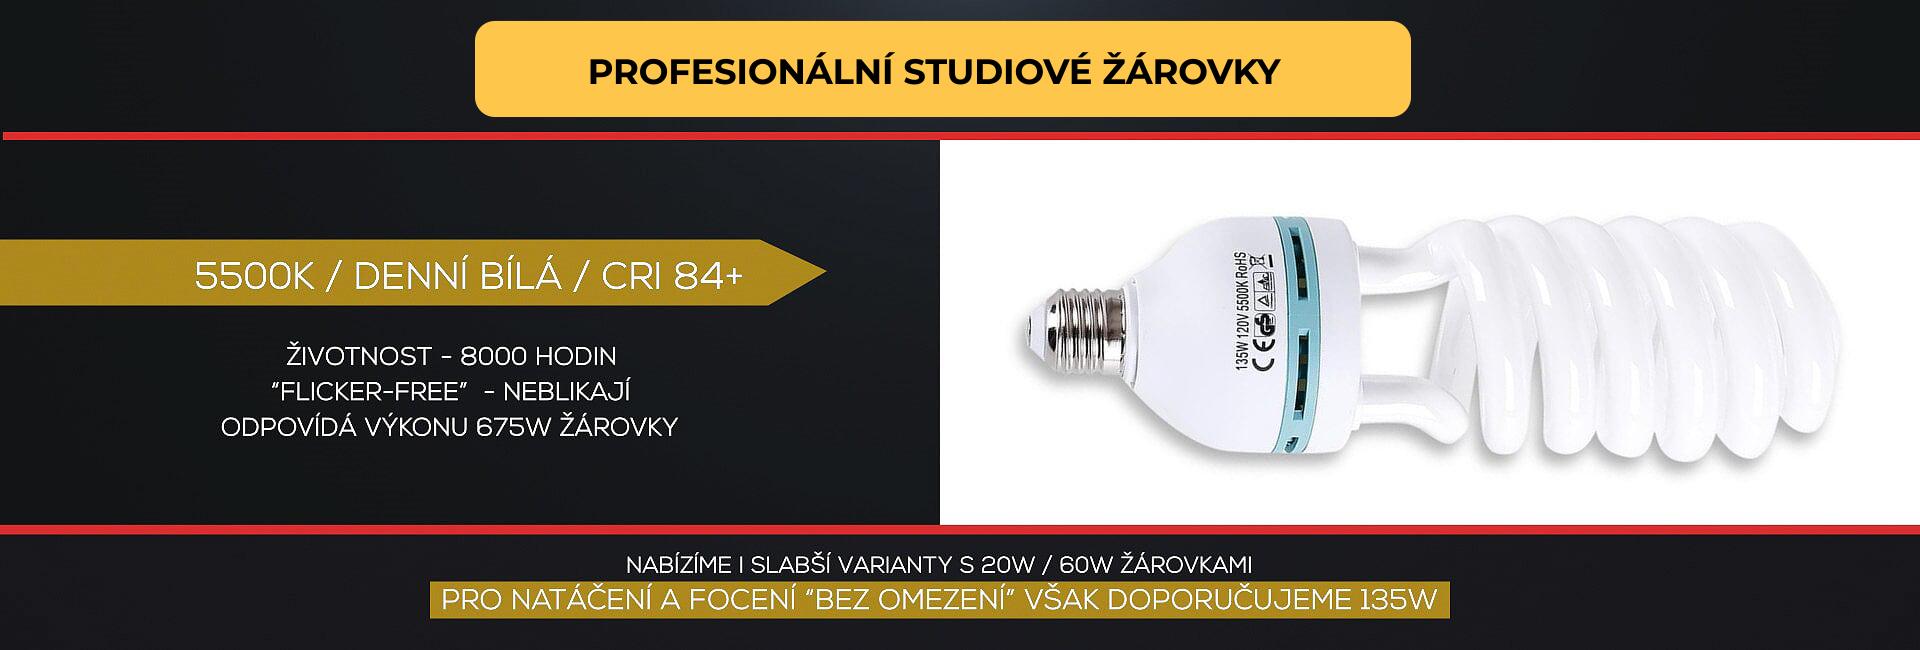 135W_studiova_zarovka